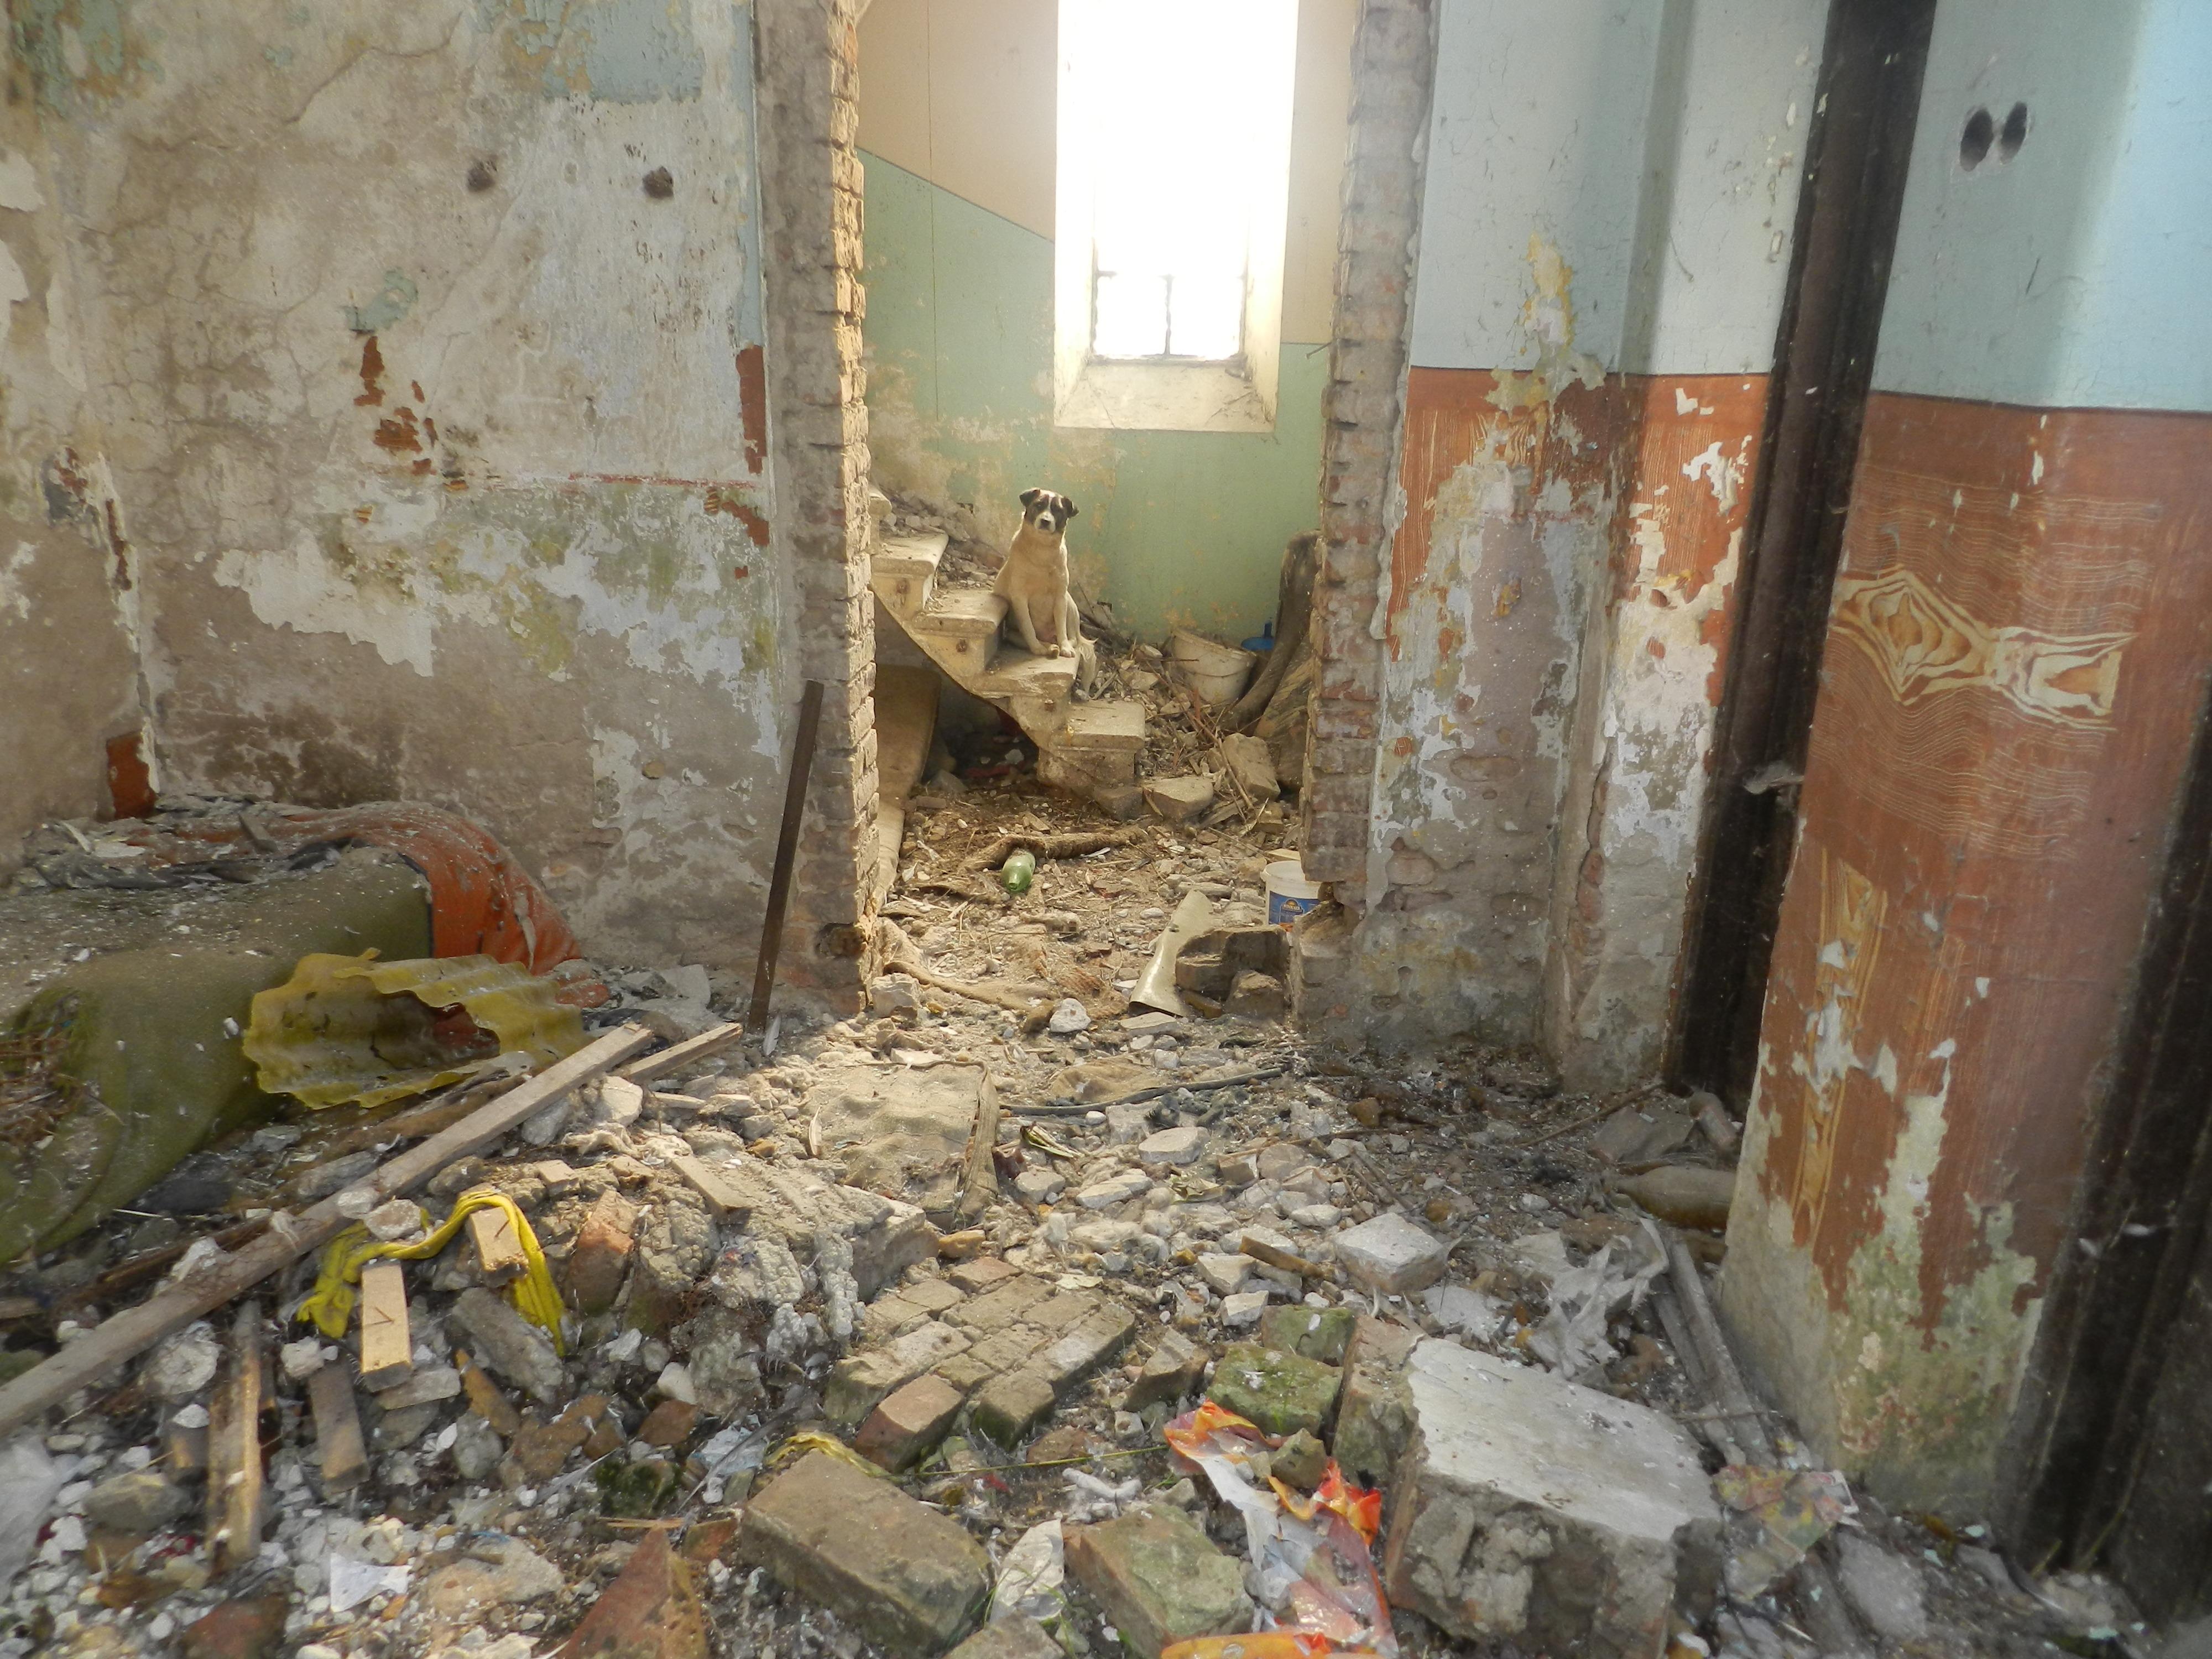 Constanta: Sinagoga askenază, în ruine de 20 de ani, ar putea fi consolidată si restaurată de Compania Națională de Investiții 2